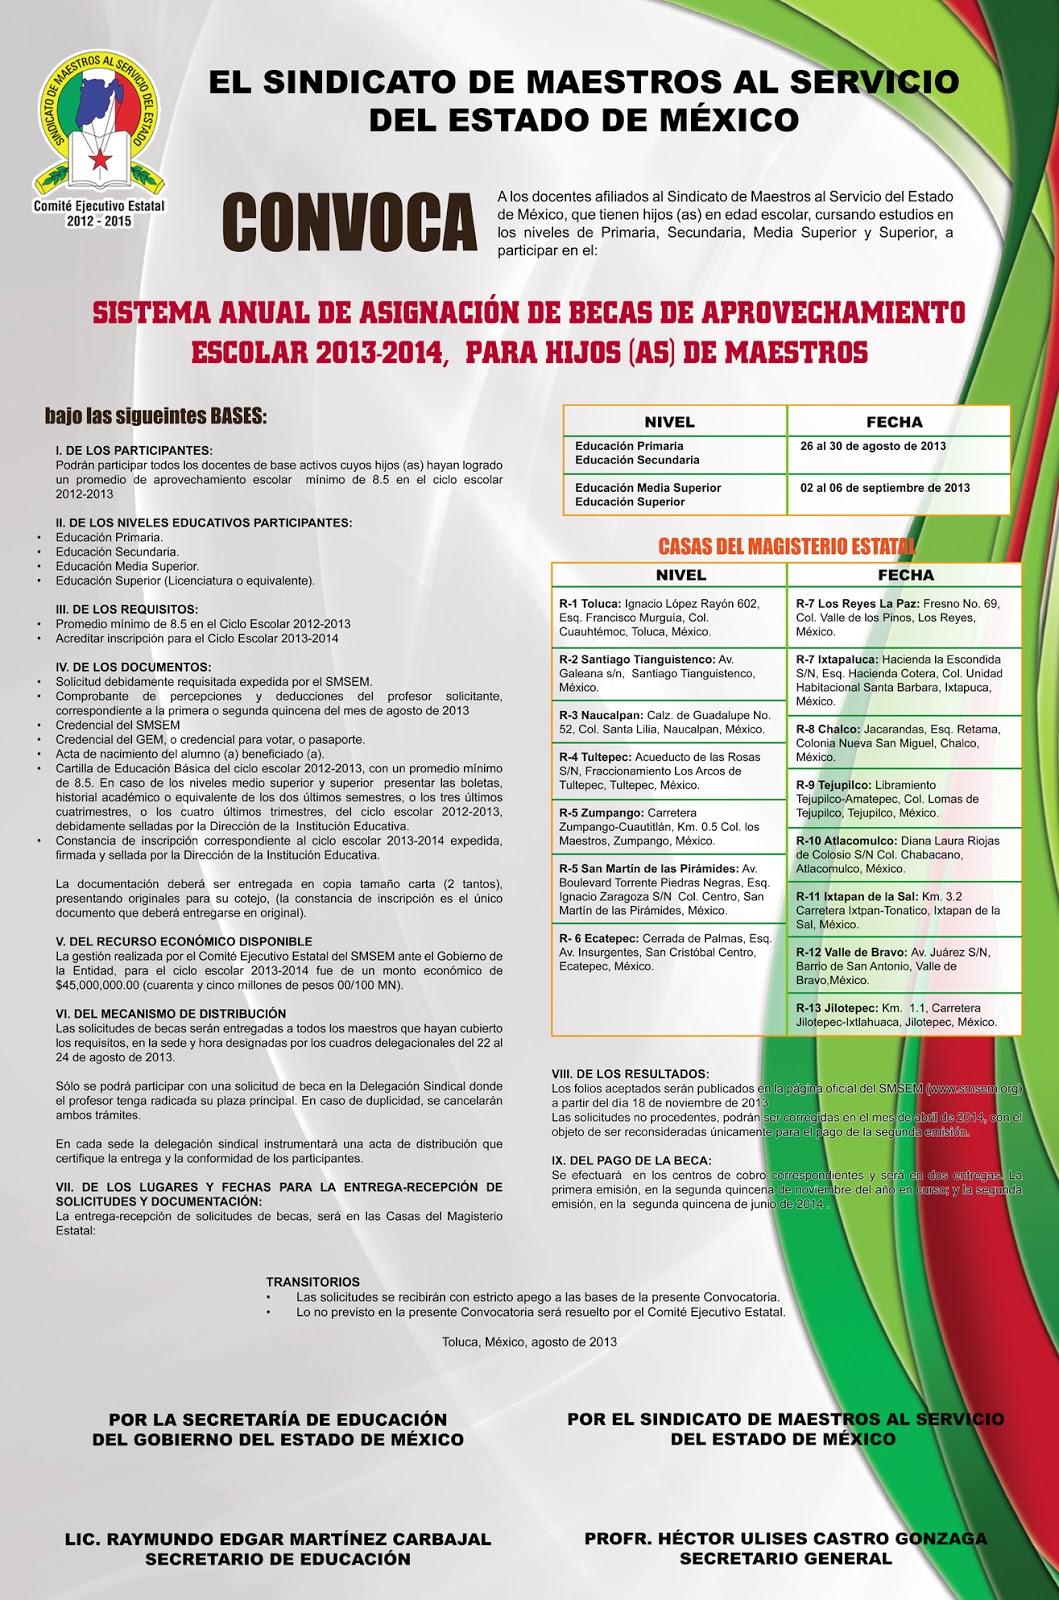 Prensa y accion politica bg035 2013 smsem junio 2013 for Convocatoria de maestros